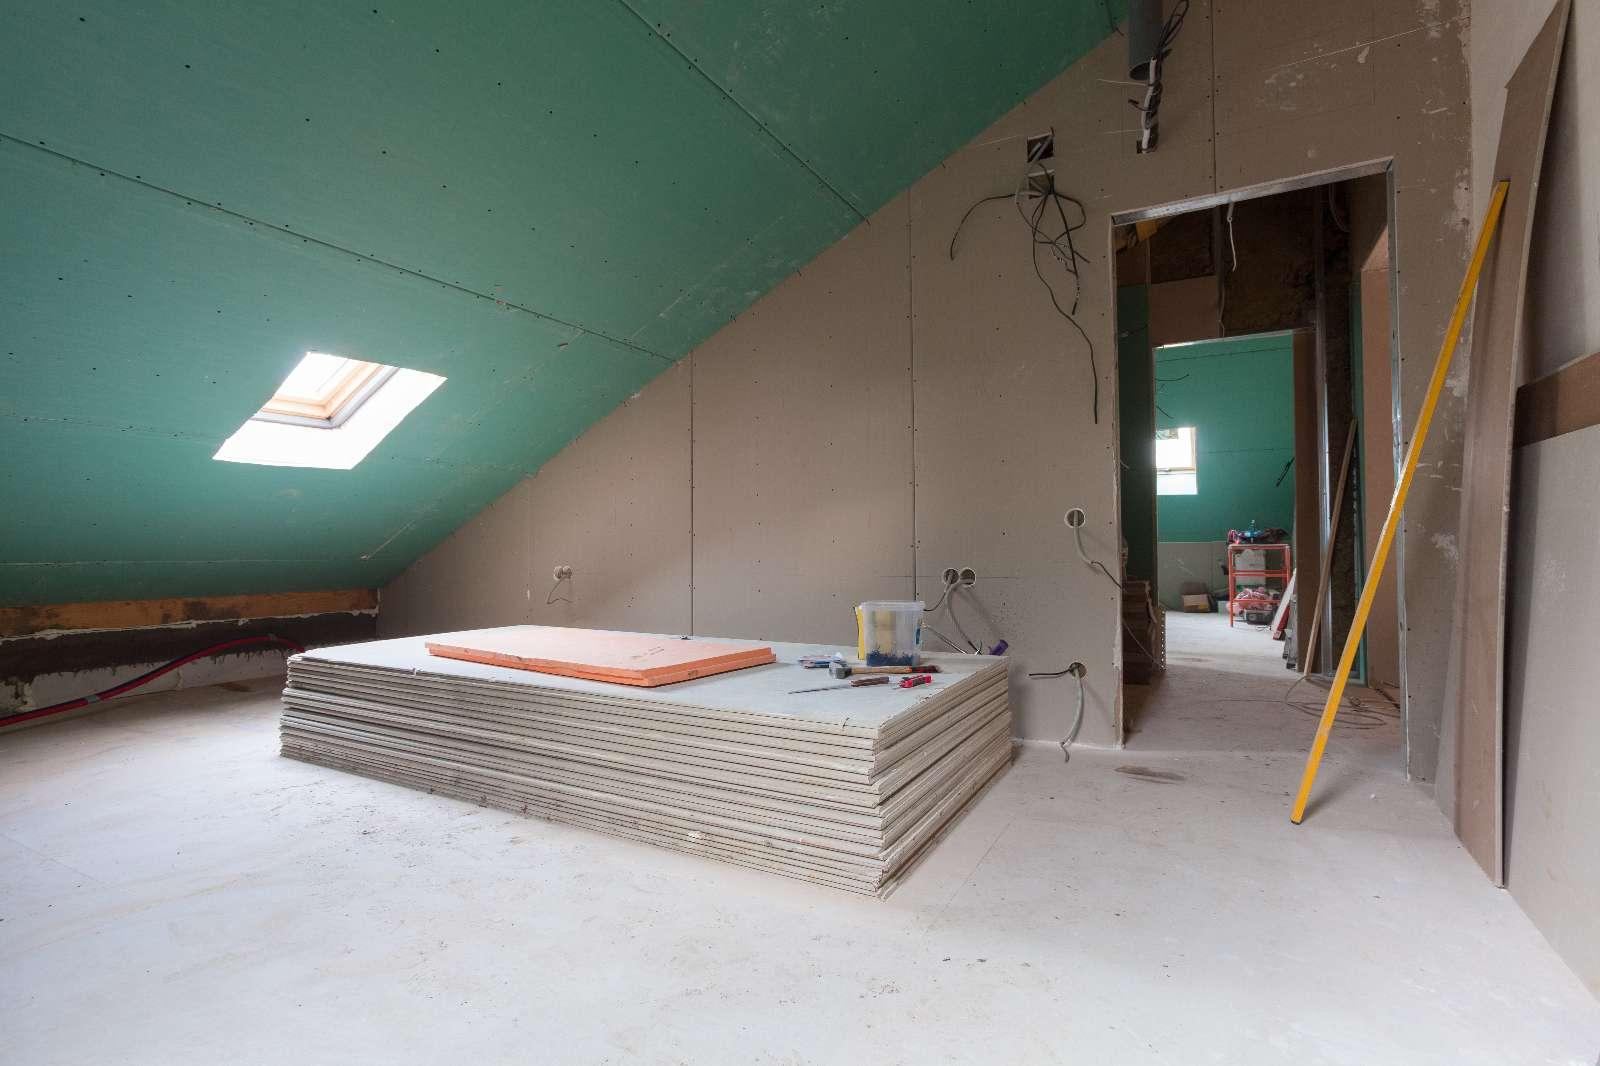 Dachbodenausbau in Trockenbauweise: schnell, preiswert und kreativ